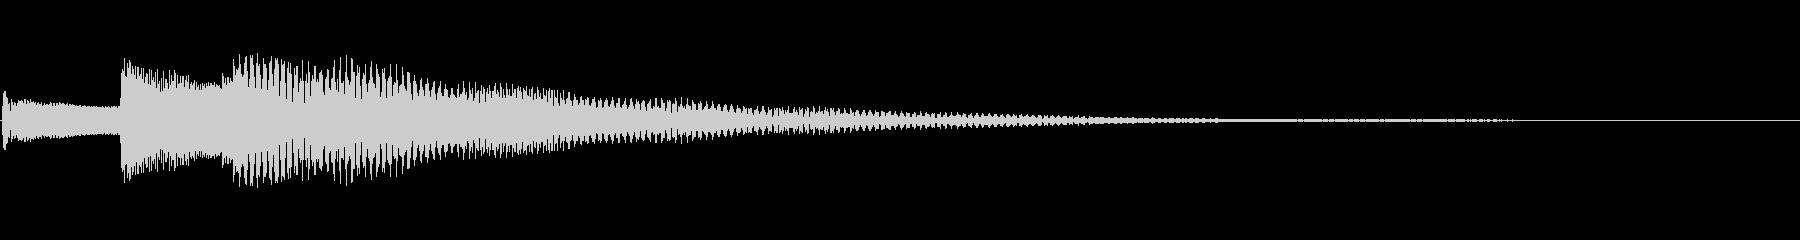 ハープ:コードアルペジオアクセント...の未再生の波形